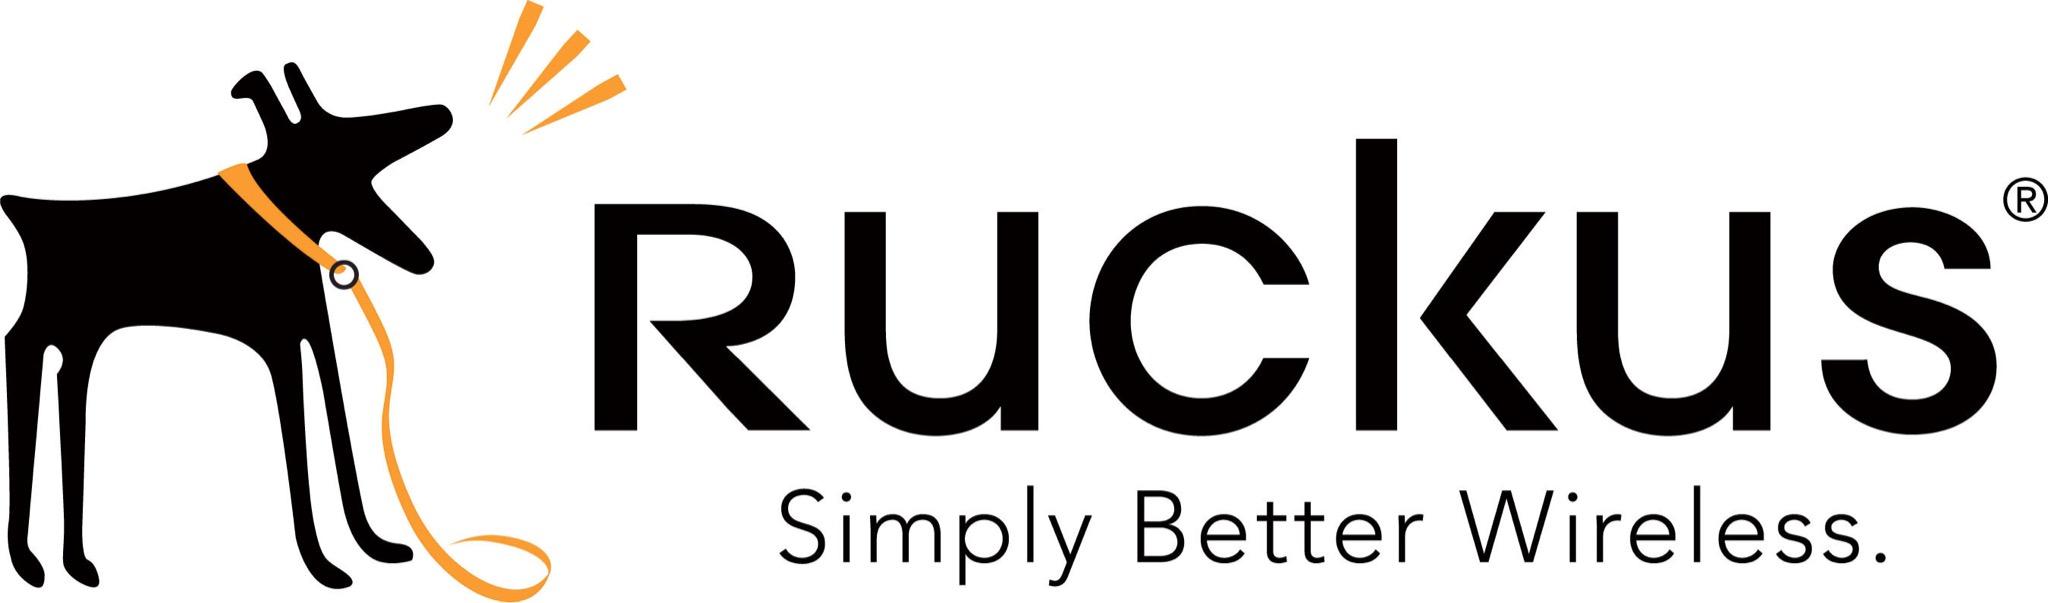 ruckus unleashed